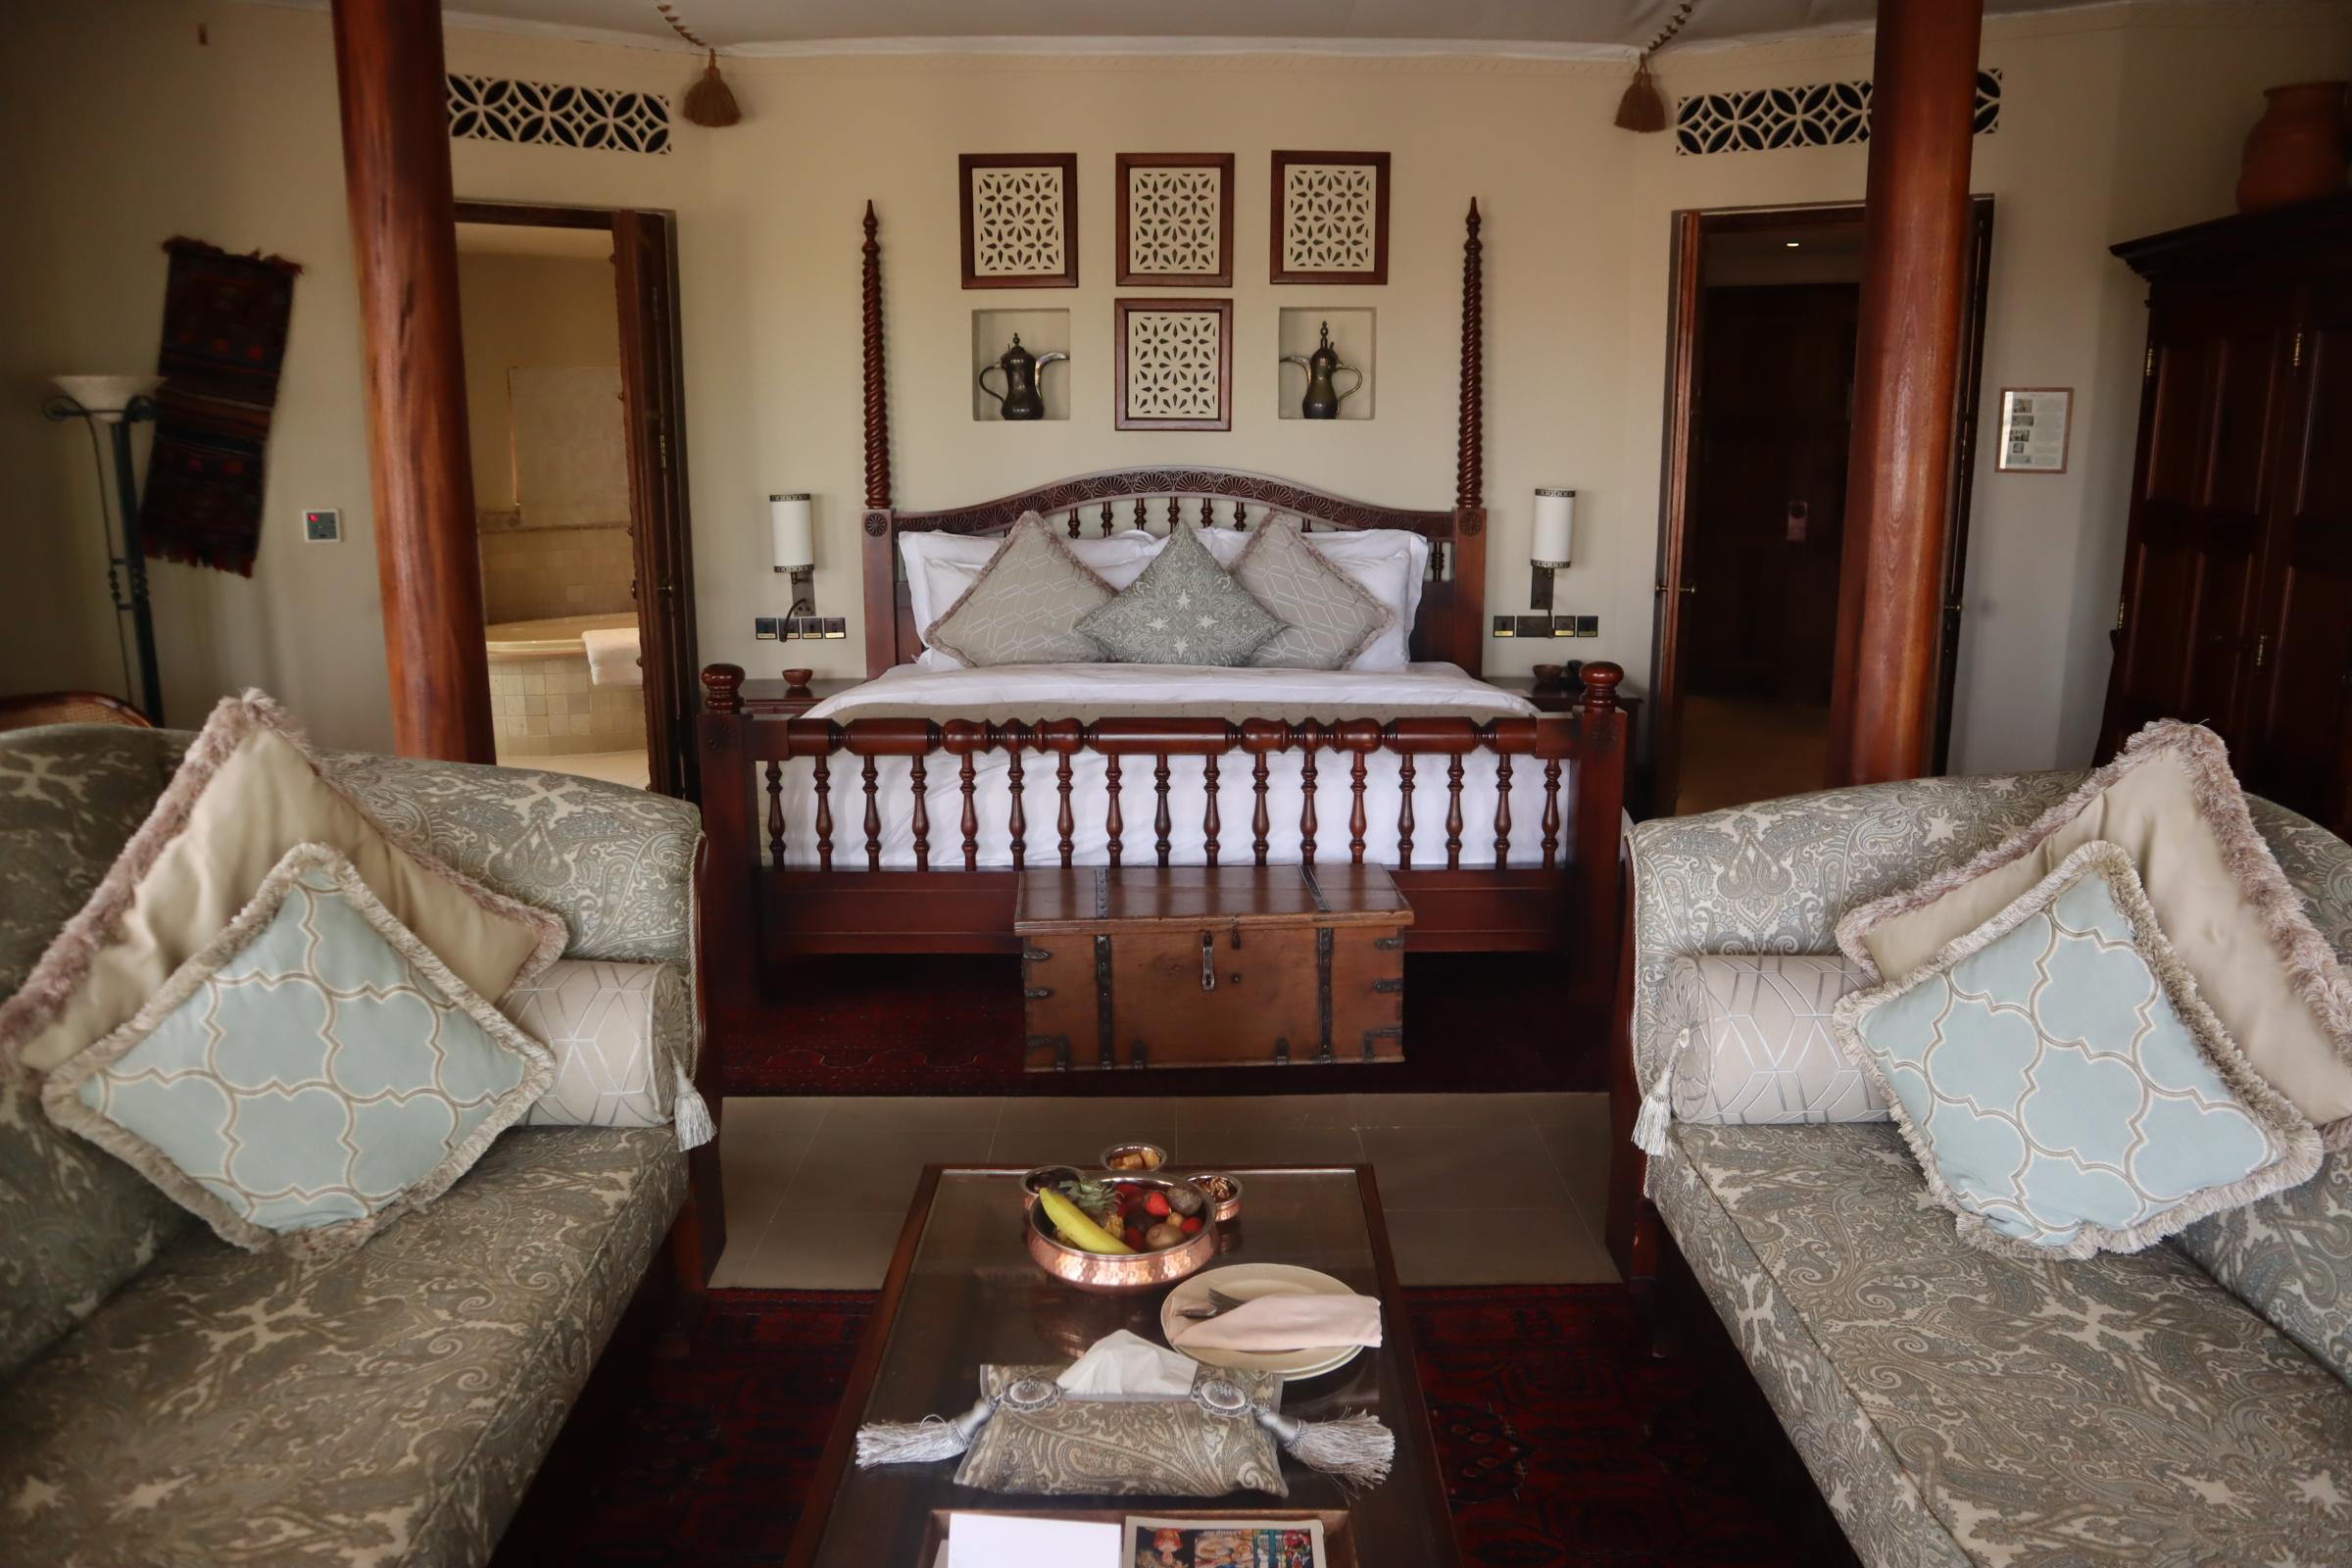 Bedouin Suite, Al Maha Desert Resort & Spa